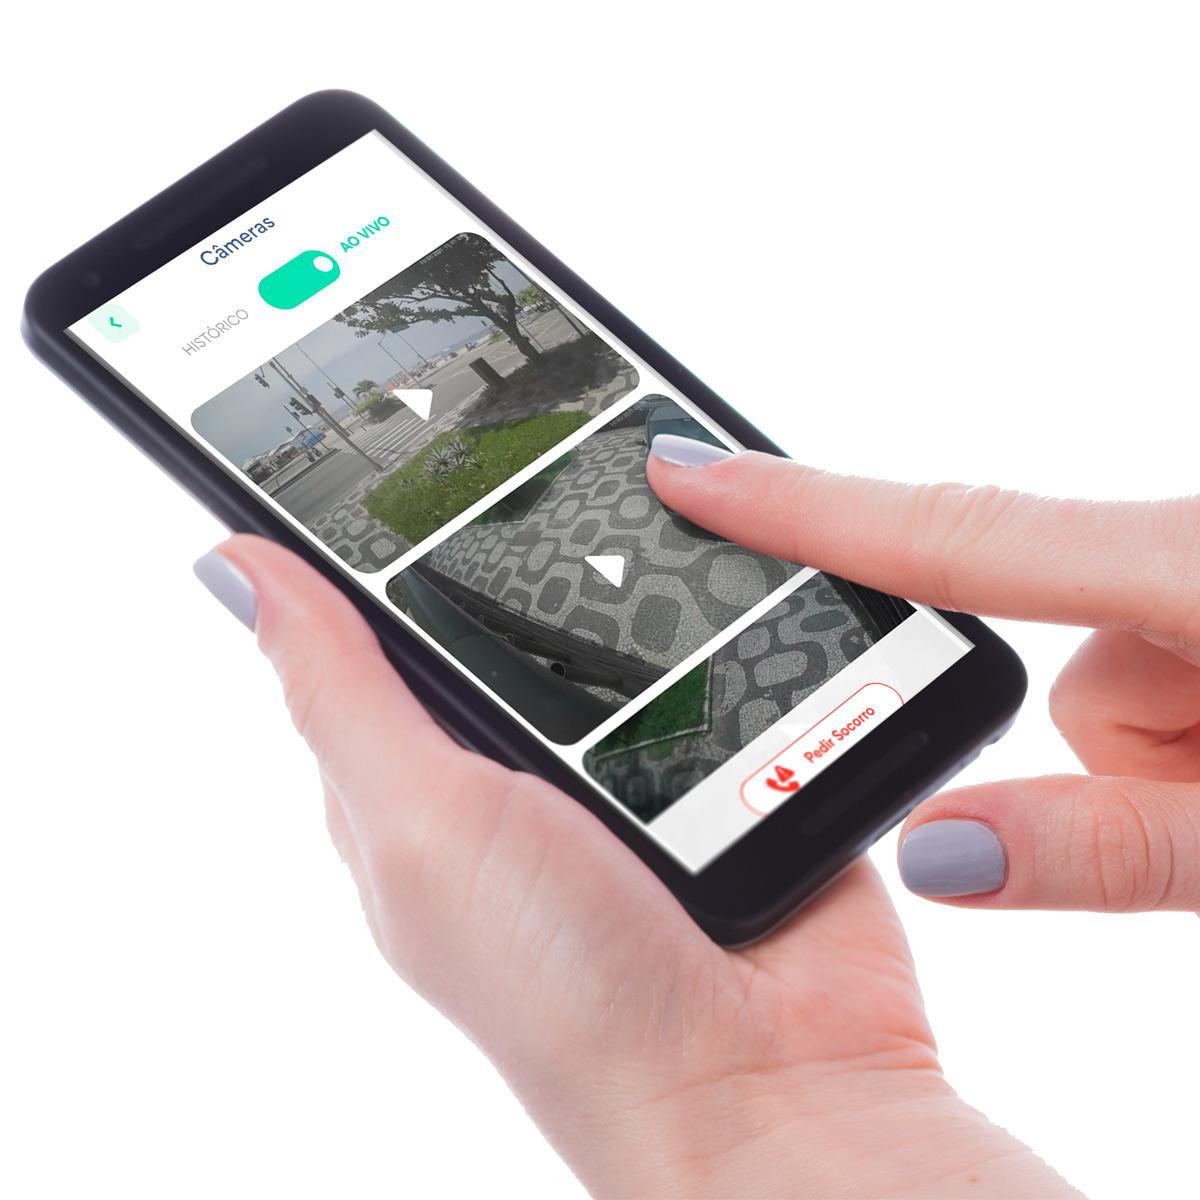 kit-cameras-de-seguranca-full-hd-1080-dvr-giga-app-gratis-camera-20ir-04